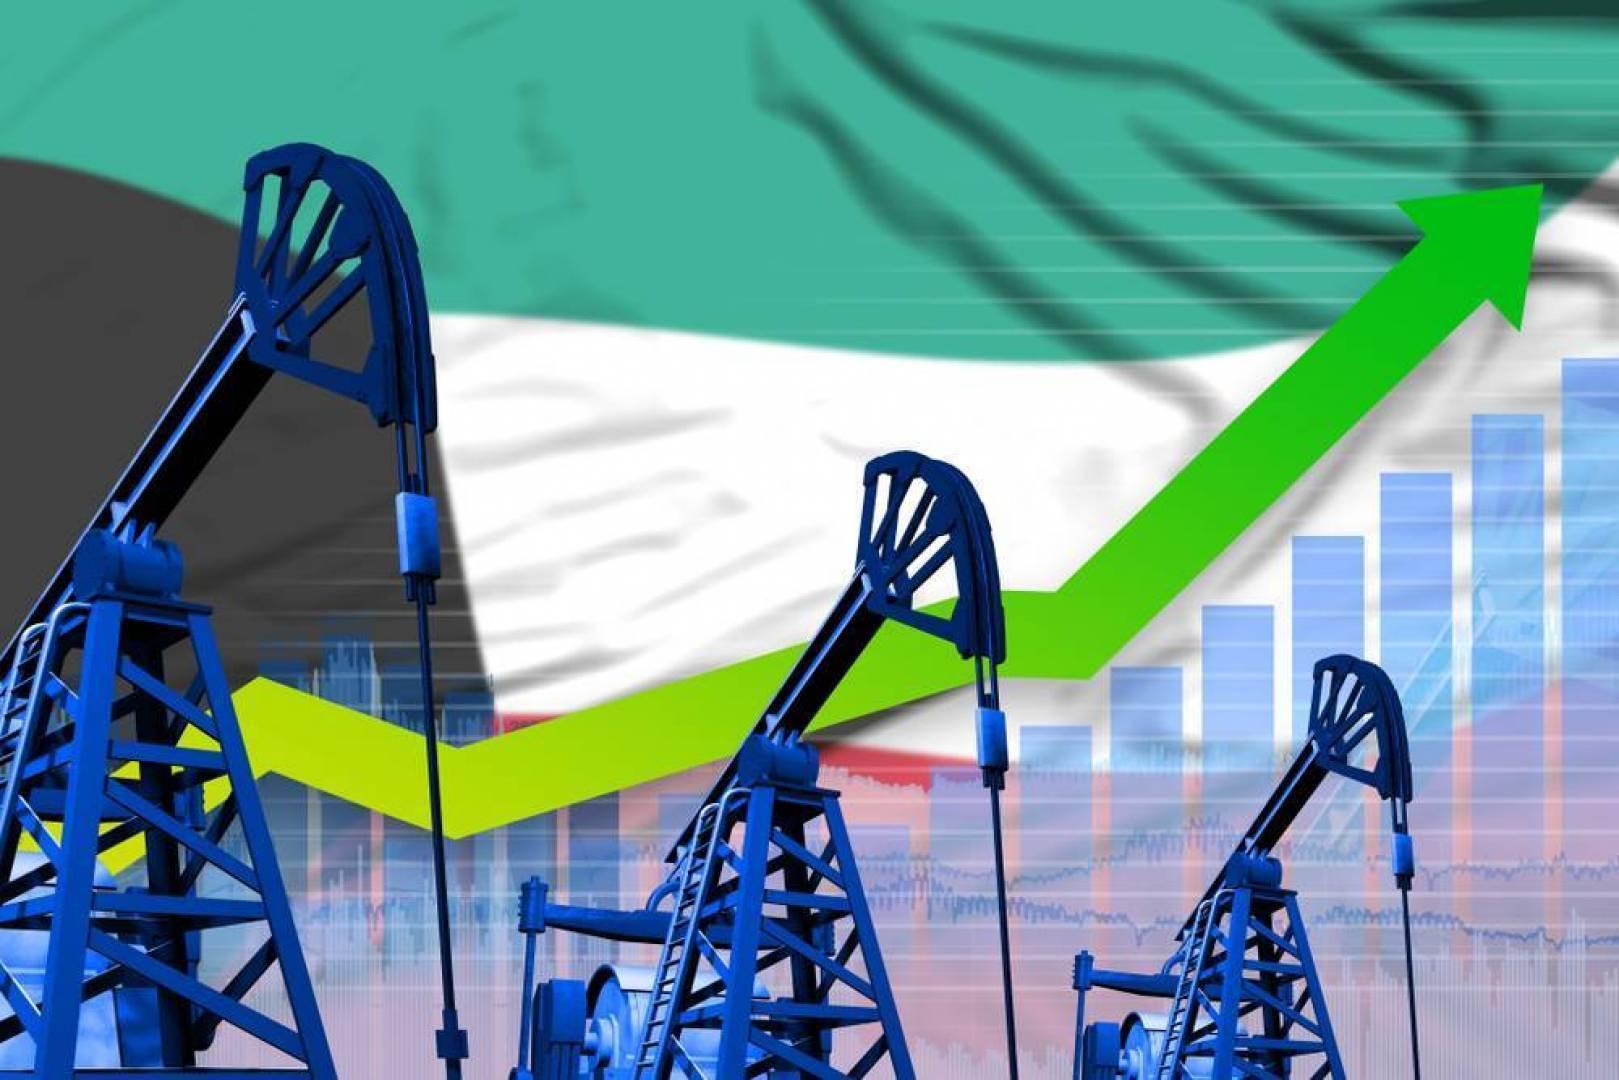 النفط الكويتي يرتفع 44 سنتاً ليبلغ 55.94 دولار للبرميل